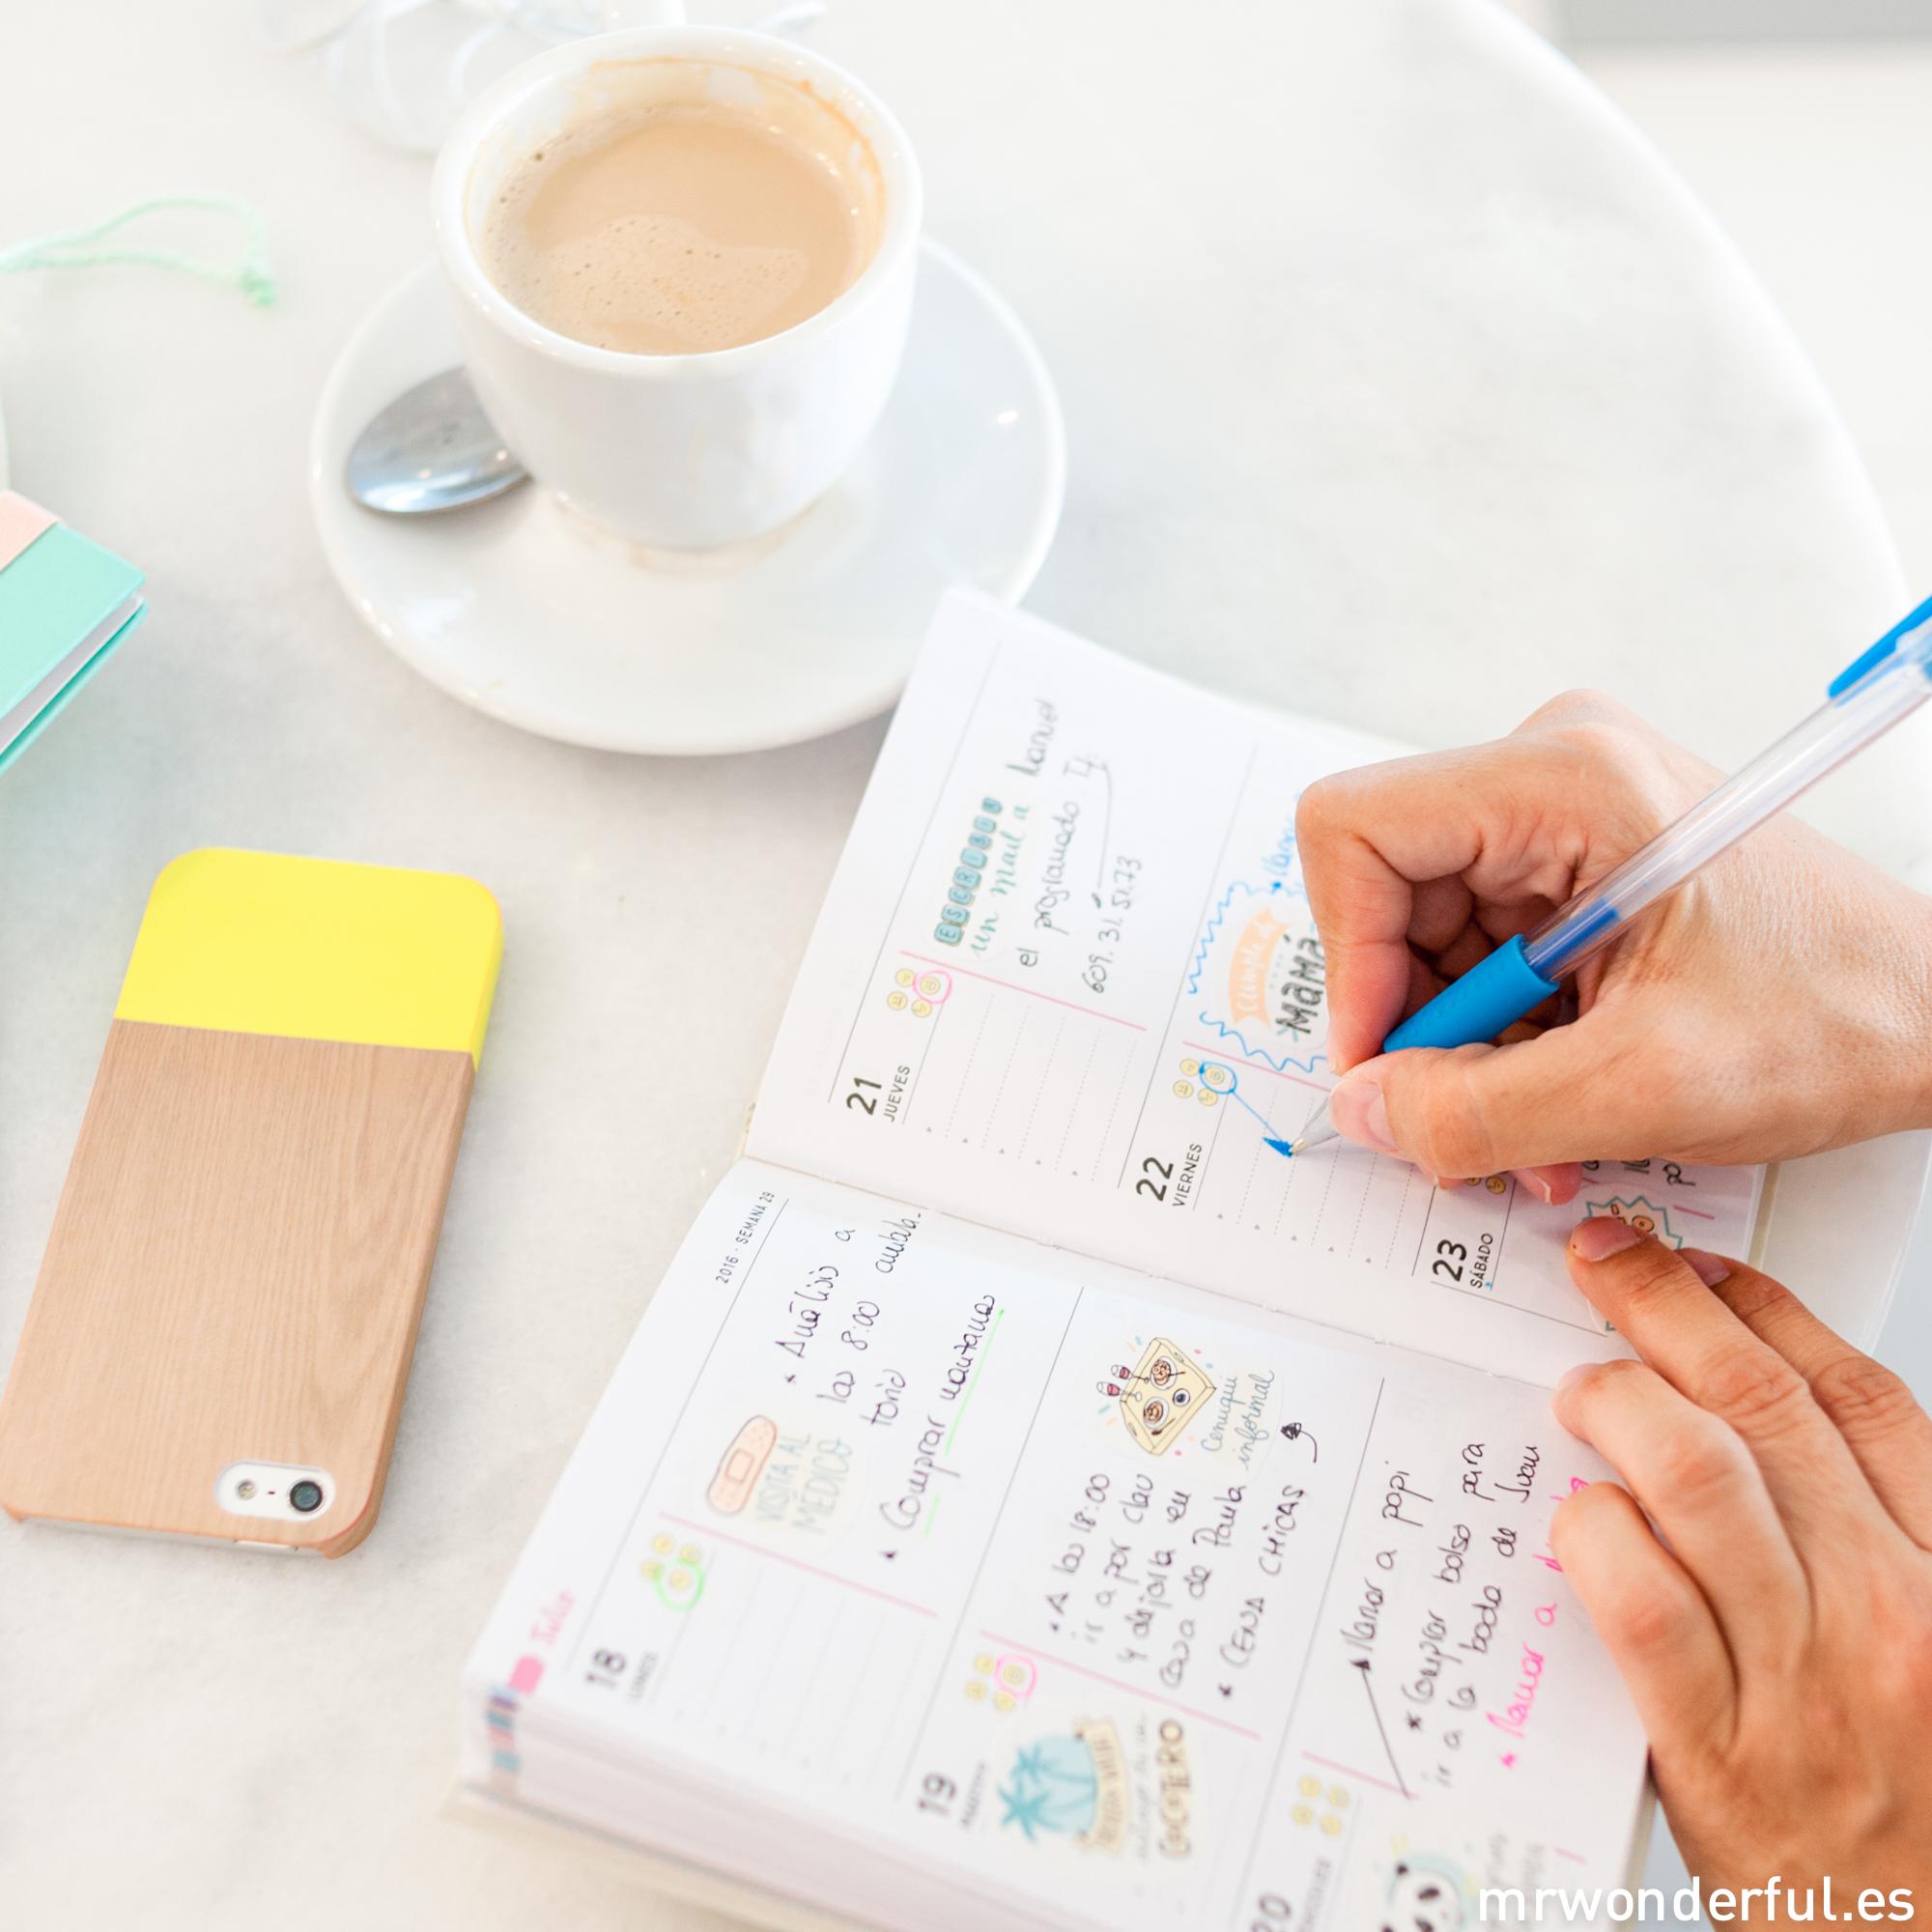 mrwonderful_agenda_que-planes-geniales-tienes-para-hoy-19-Editar